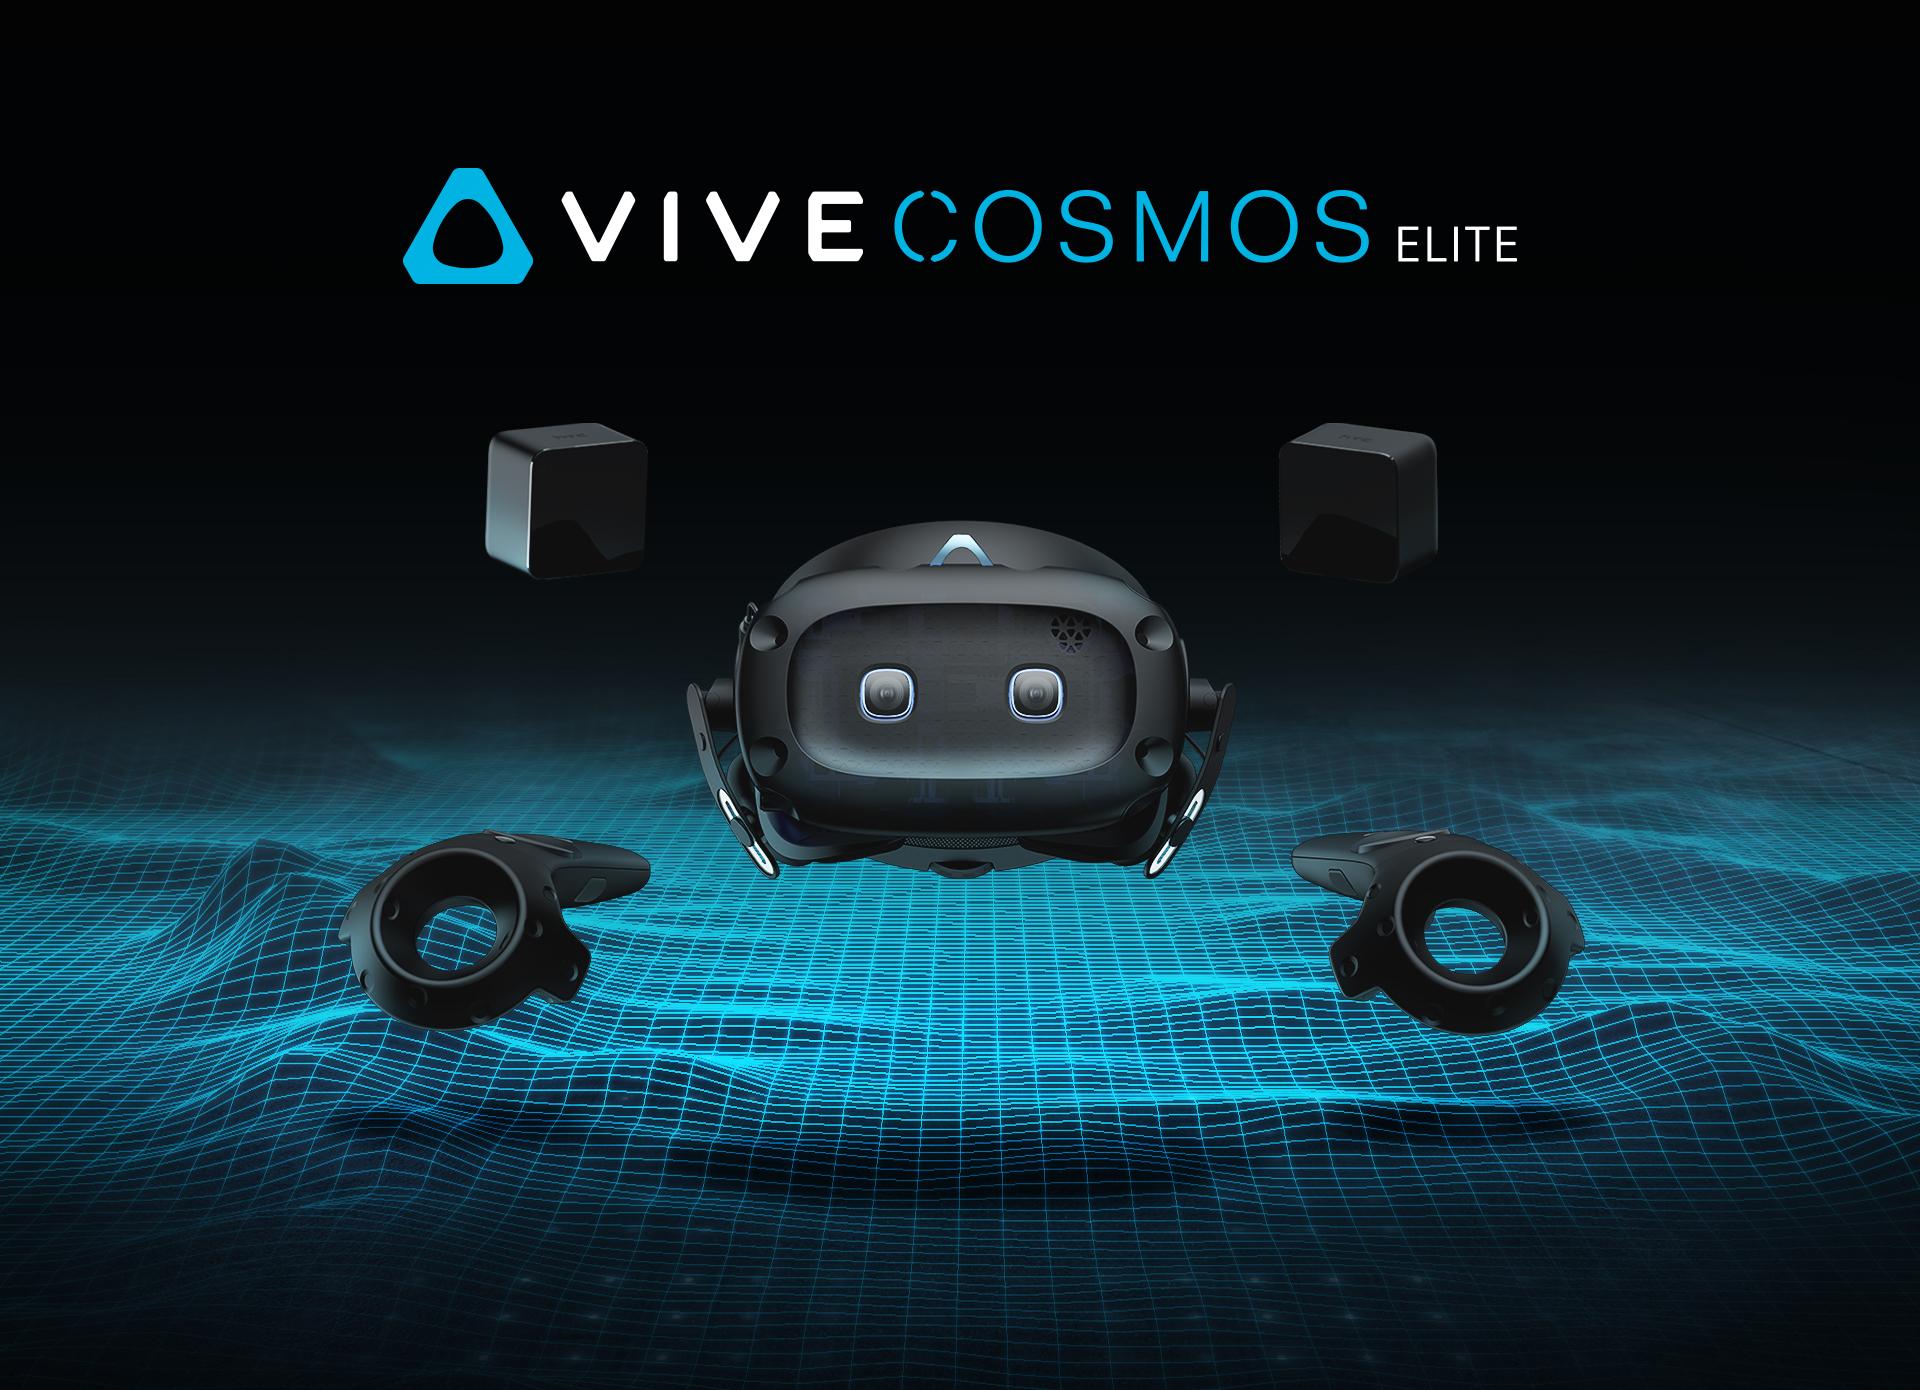 HTC新聞圖檔(VIVE Cosmos Elite KV)